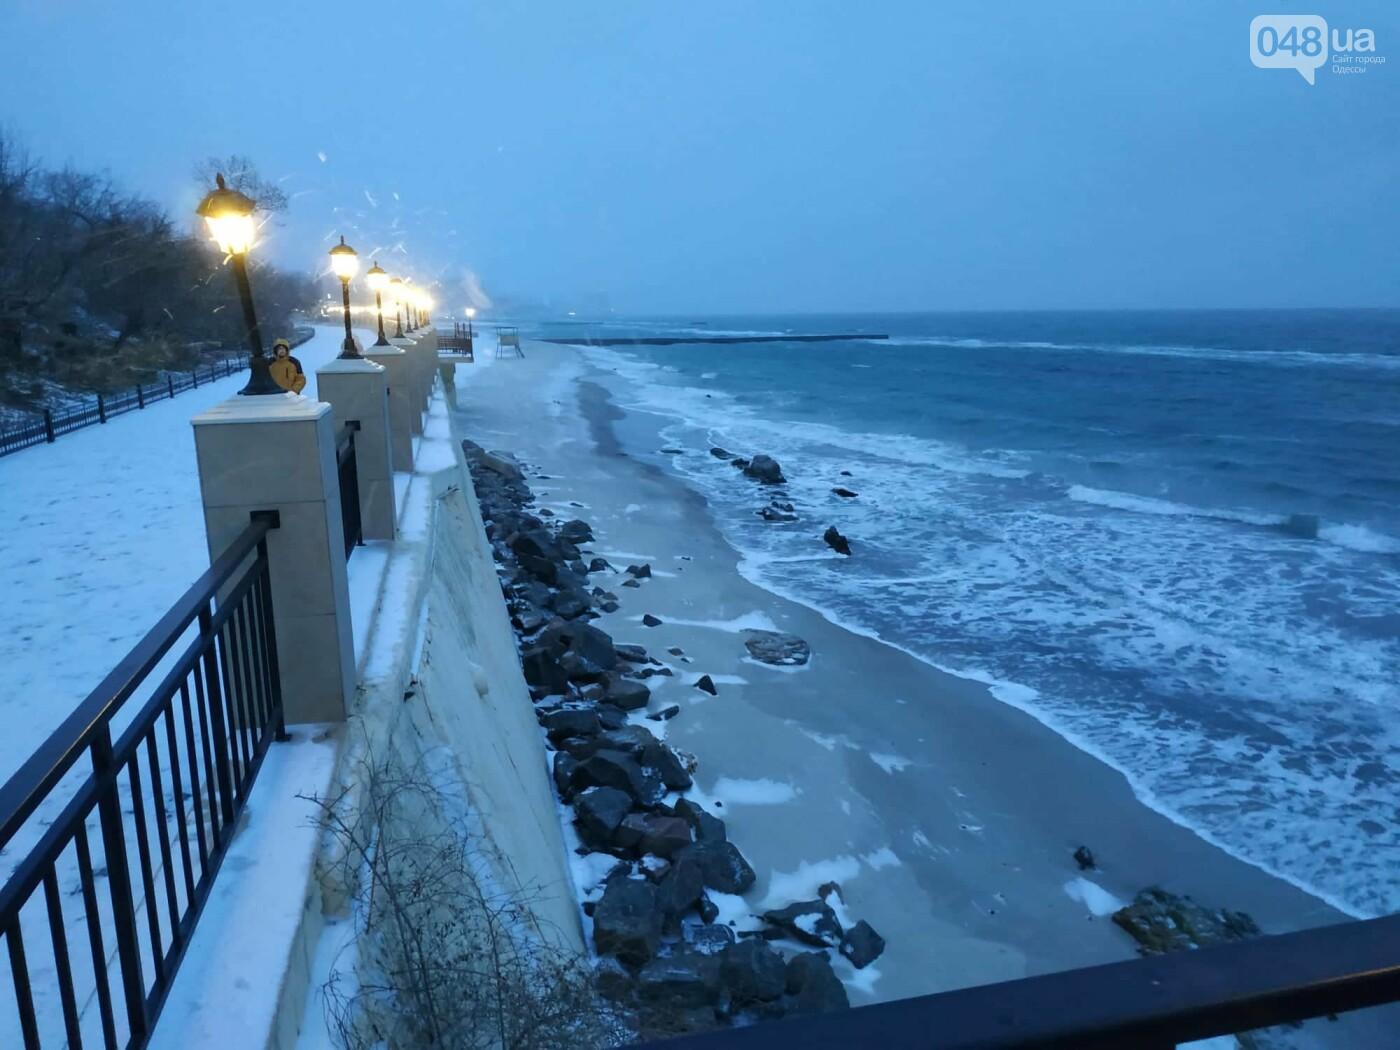 Заснеженные одесские пляжи вечером: вот где стоит прогуляться, - ФОТО, фото-35